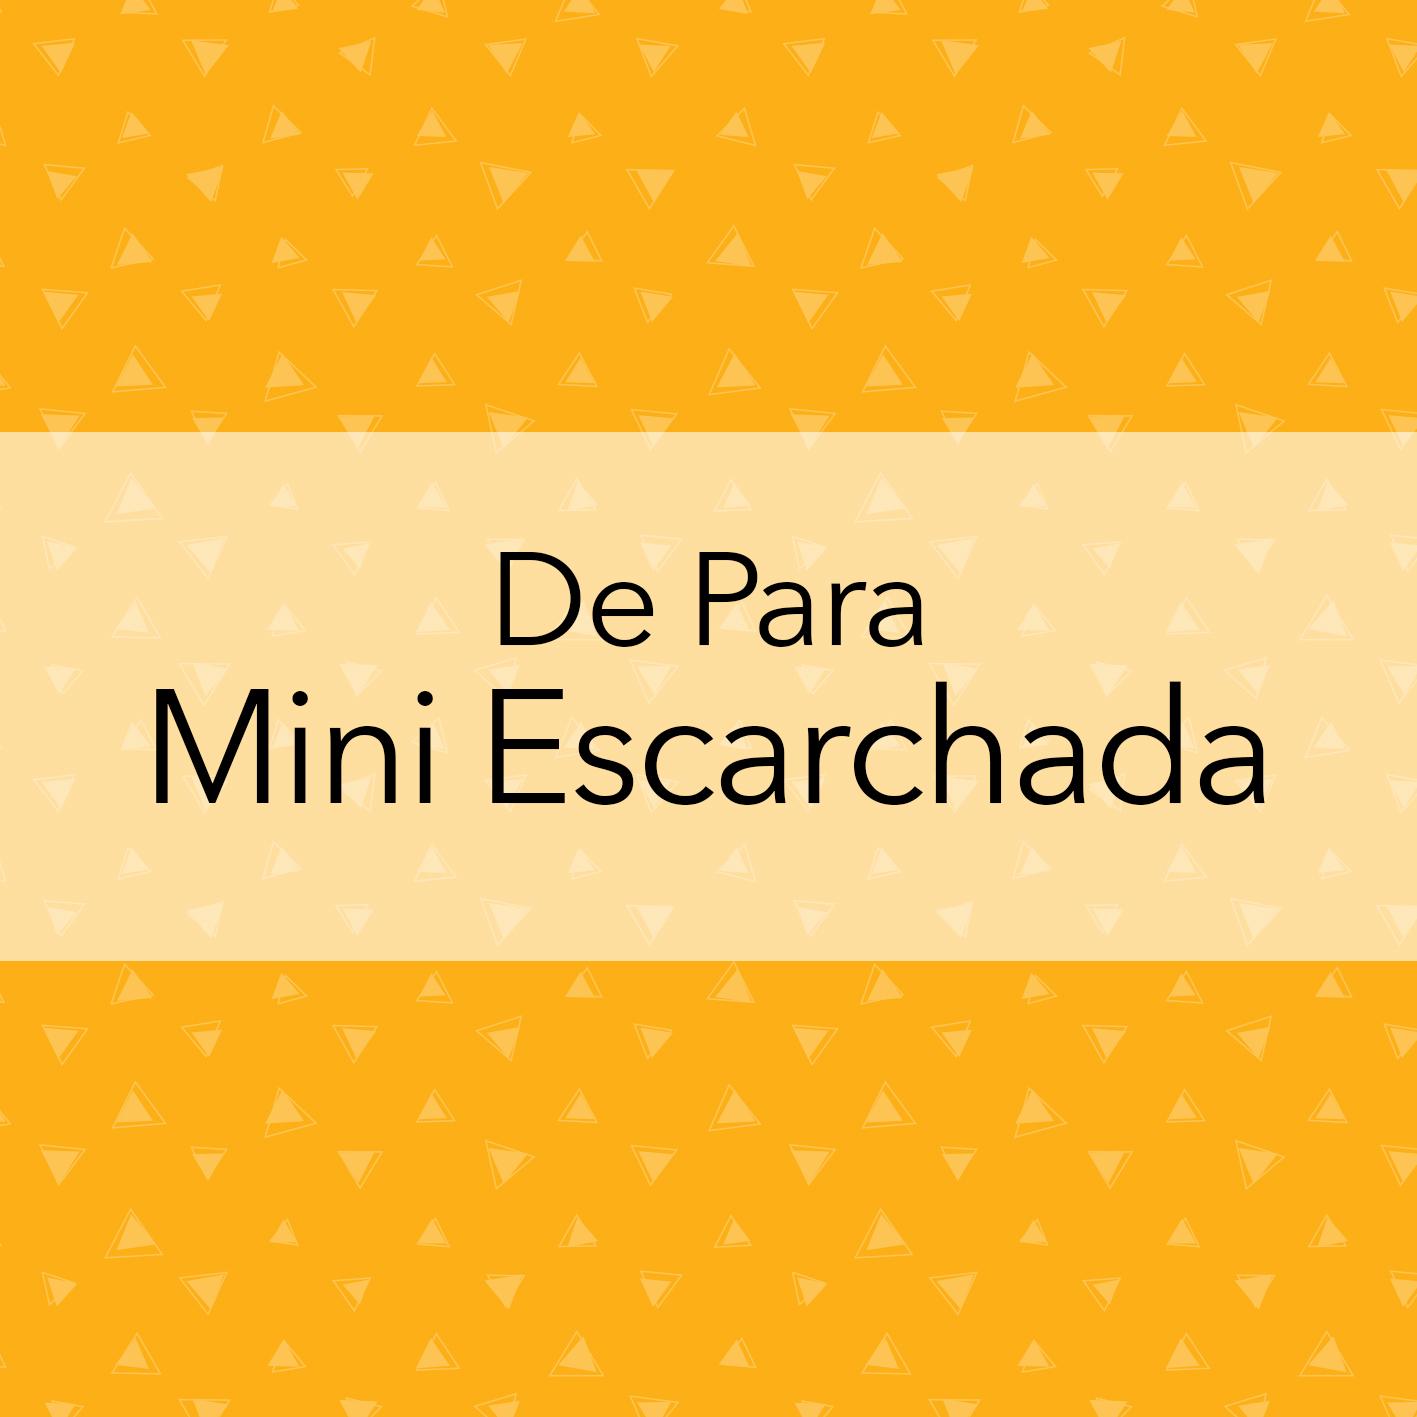 DE PARA MINI ESCARCHADA